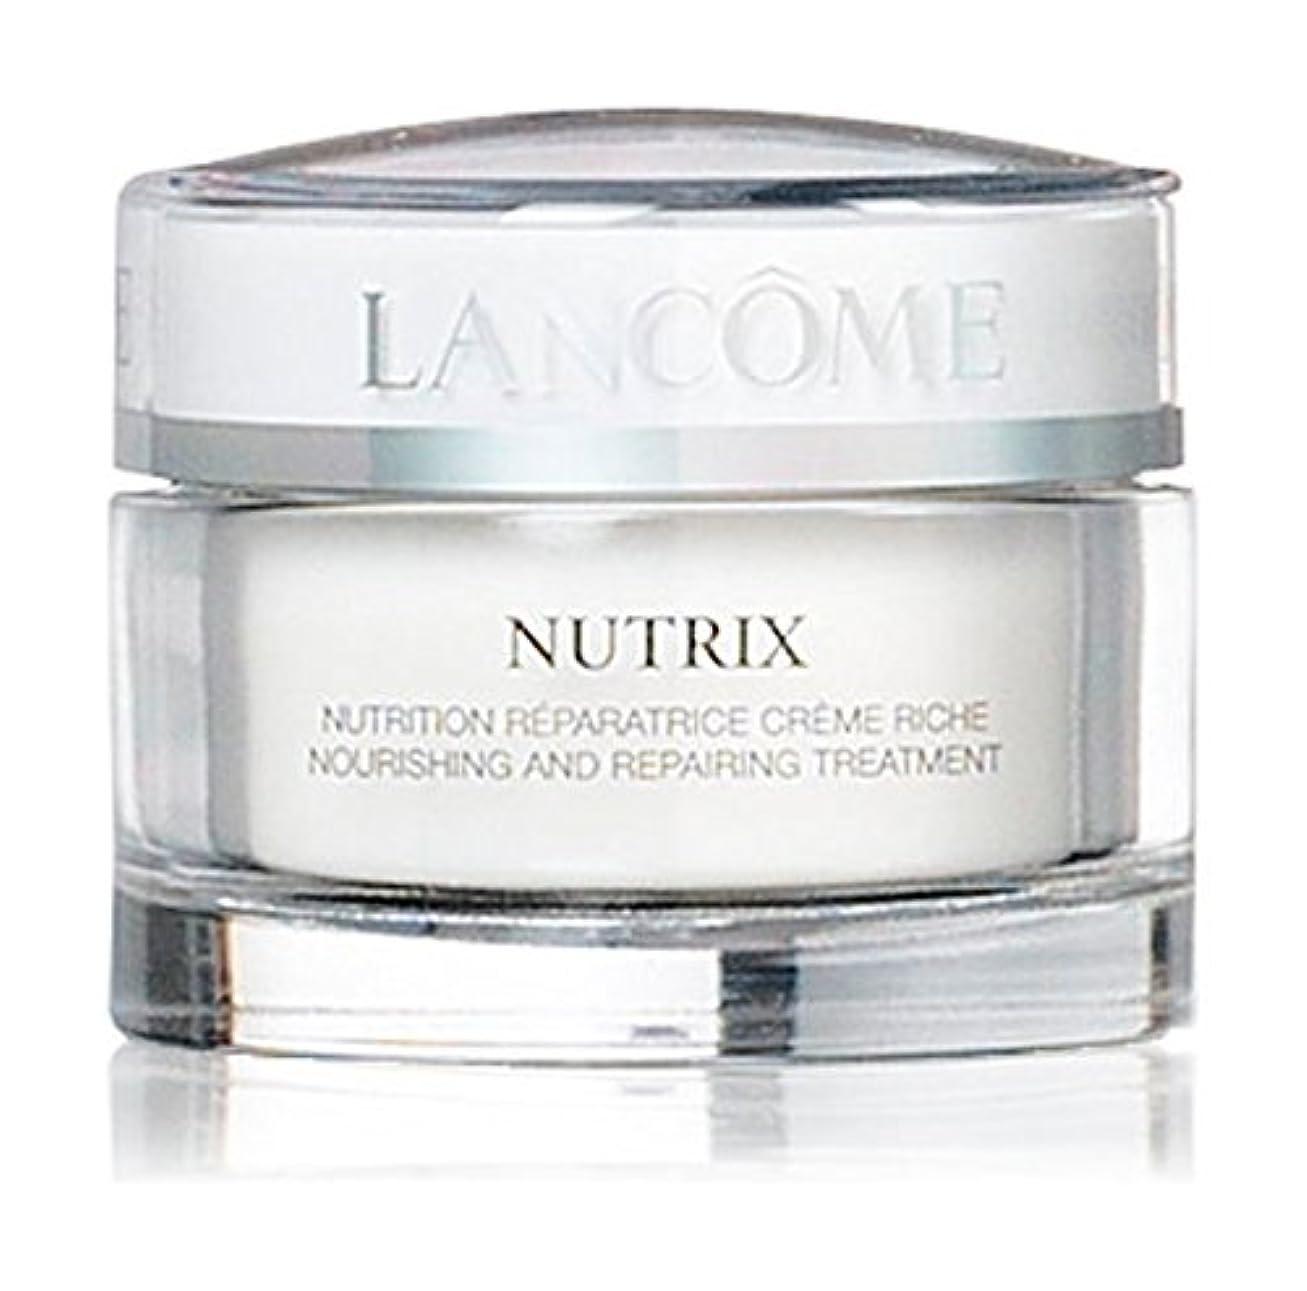 ペンストリップ徒歩でランコム Nutrix Nourishing And Repairing Treatment Rich Cream - For Very Dry, Sensitive Or Irritated Skin 50ml/1.7oz並行輸入品